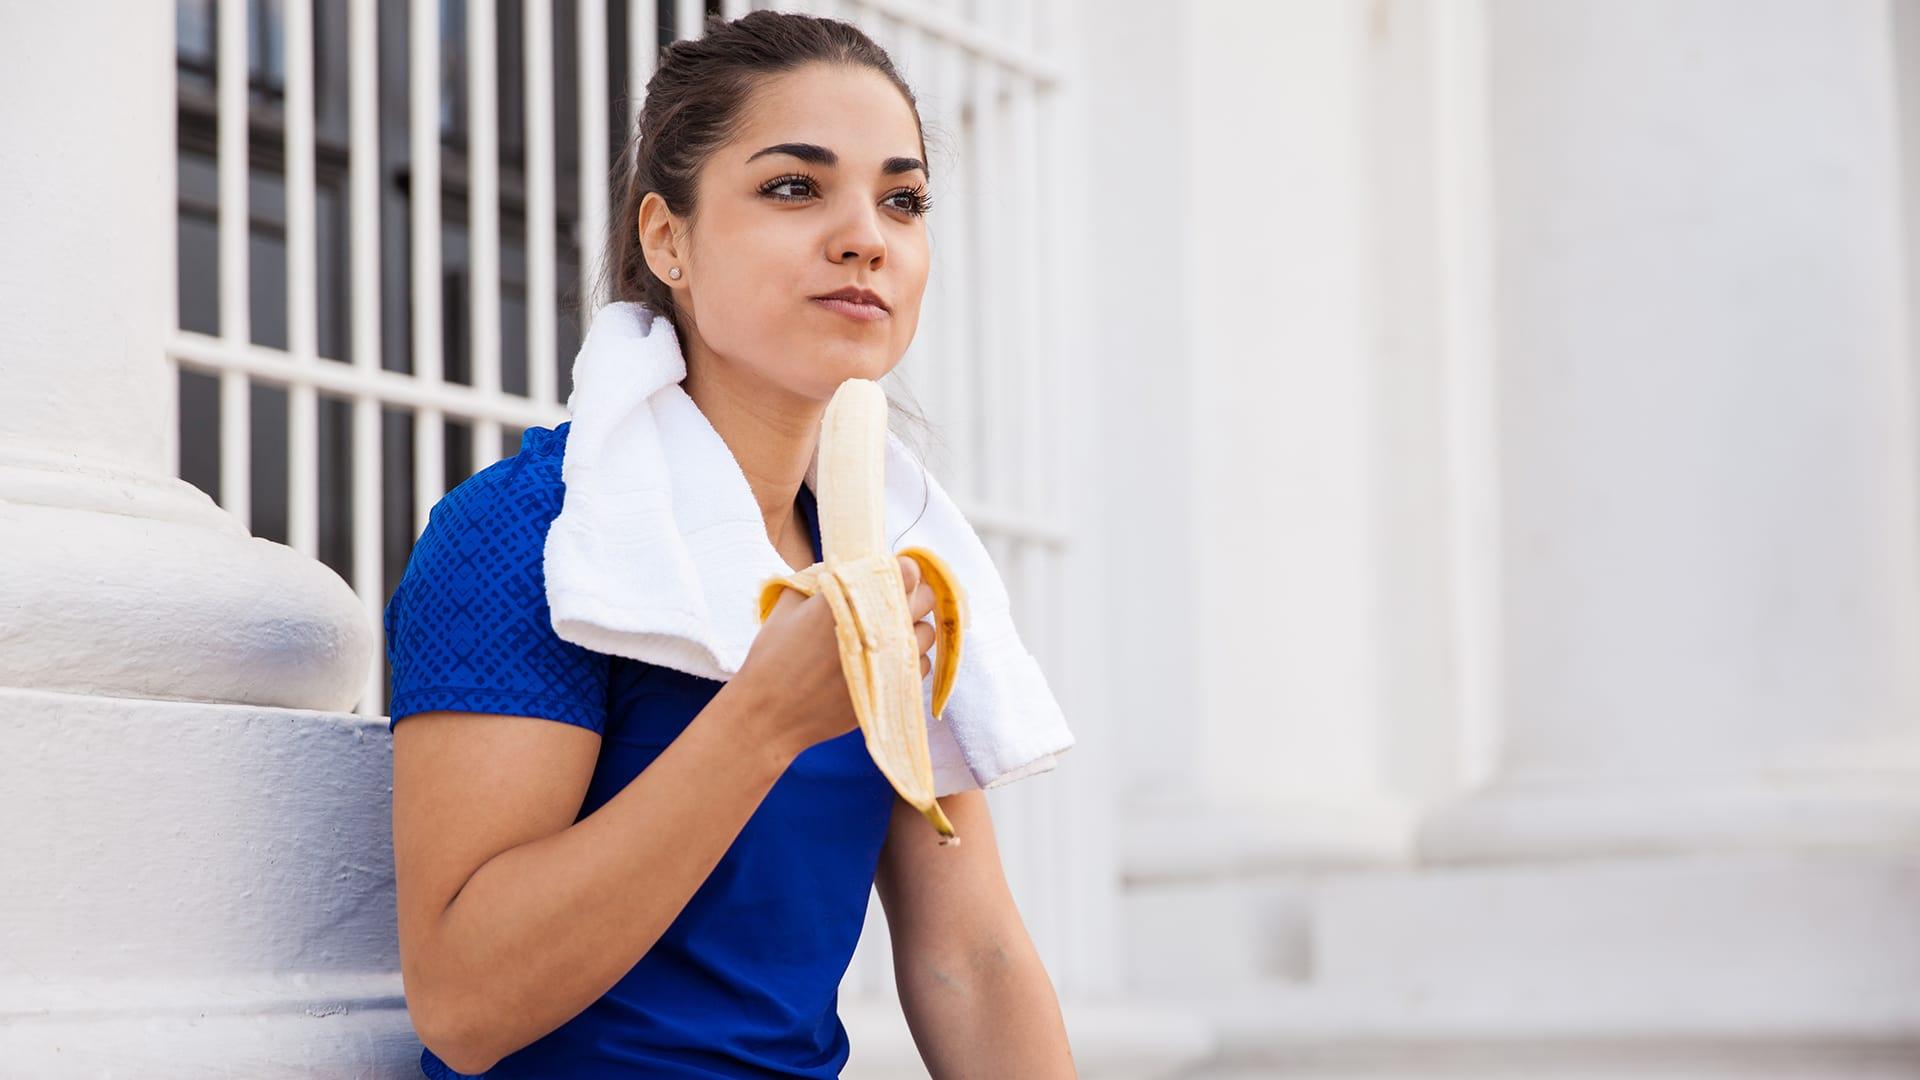 Så ska du äta om du tränar för att få bättre kondition